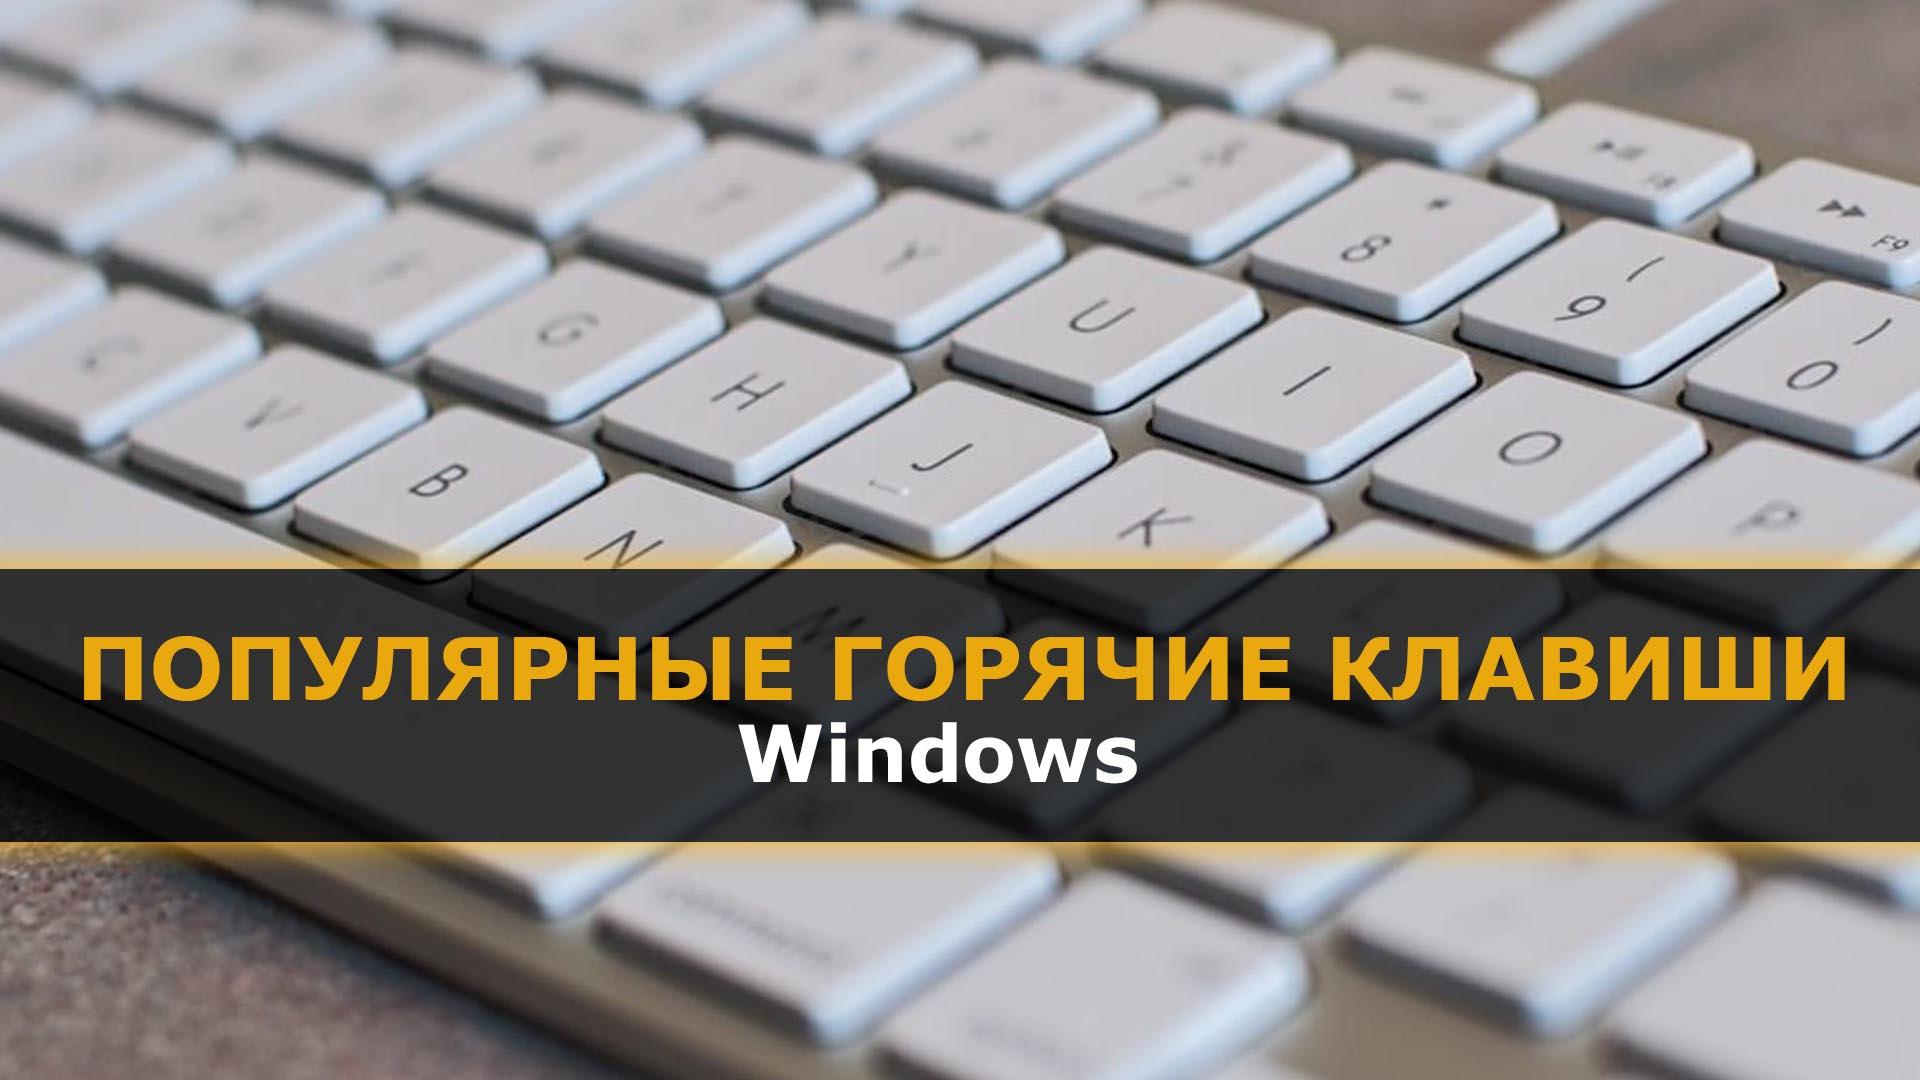 топ 10 горячие клавиши для Windows